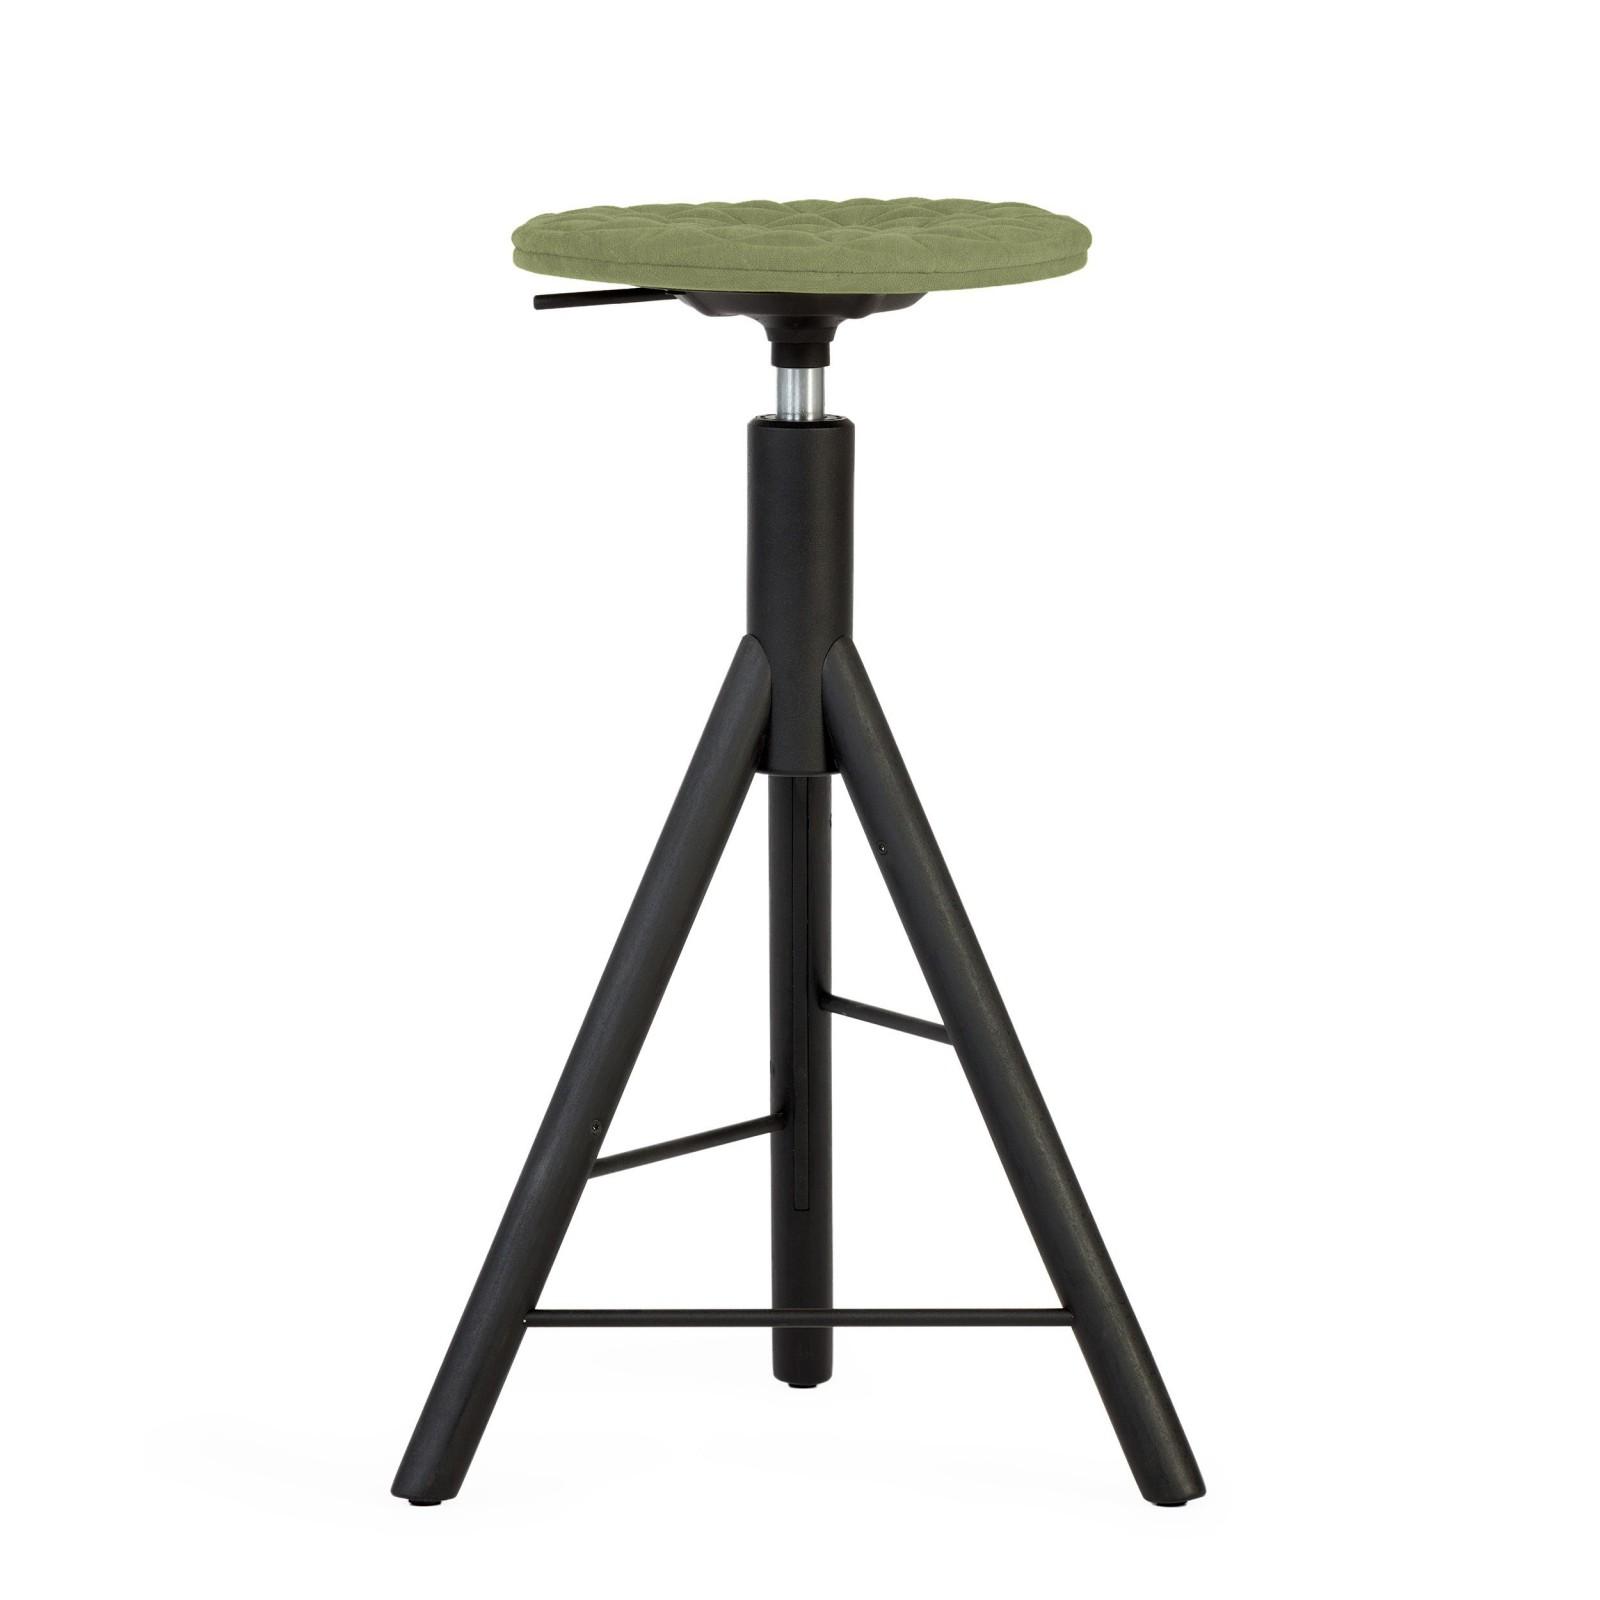 Krzesło barowe MannequinBar - 01 - jasno zielony